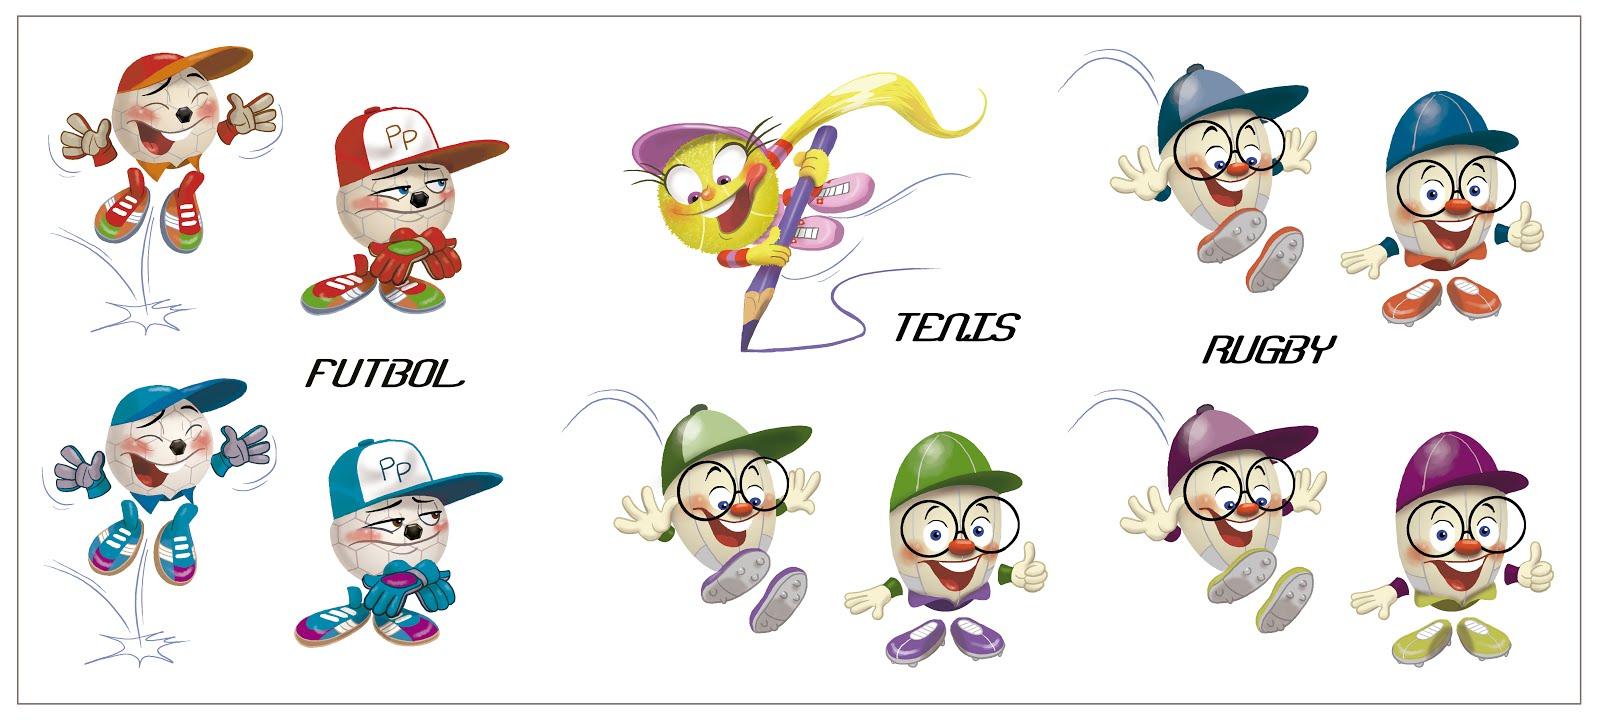 Personajes pelotas